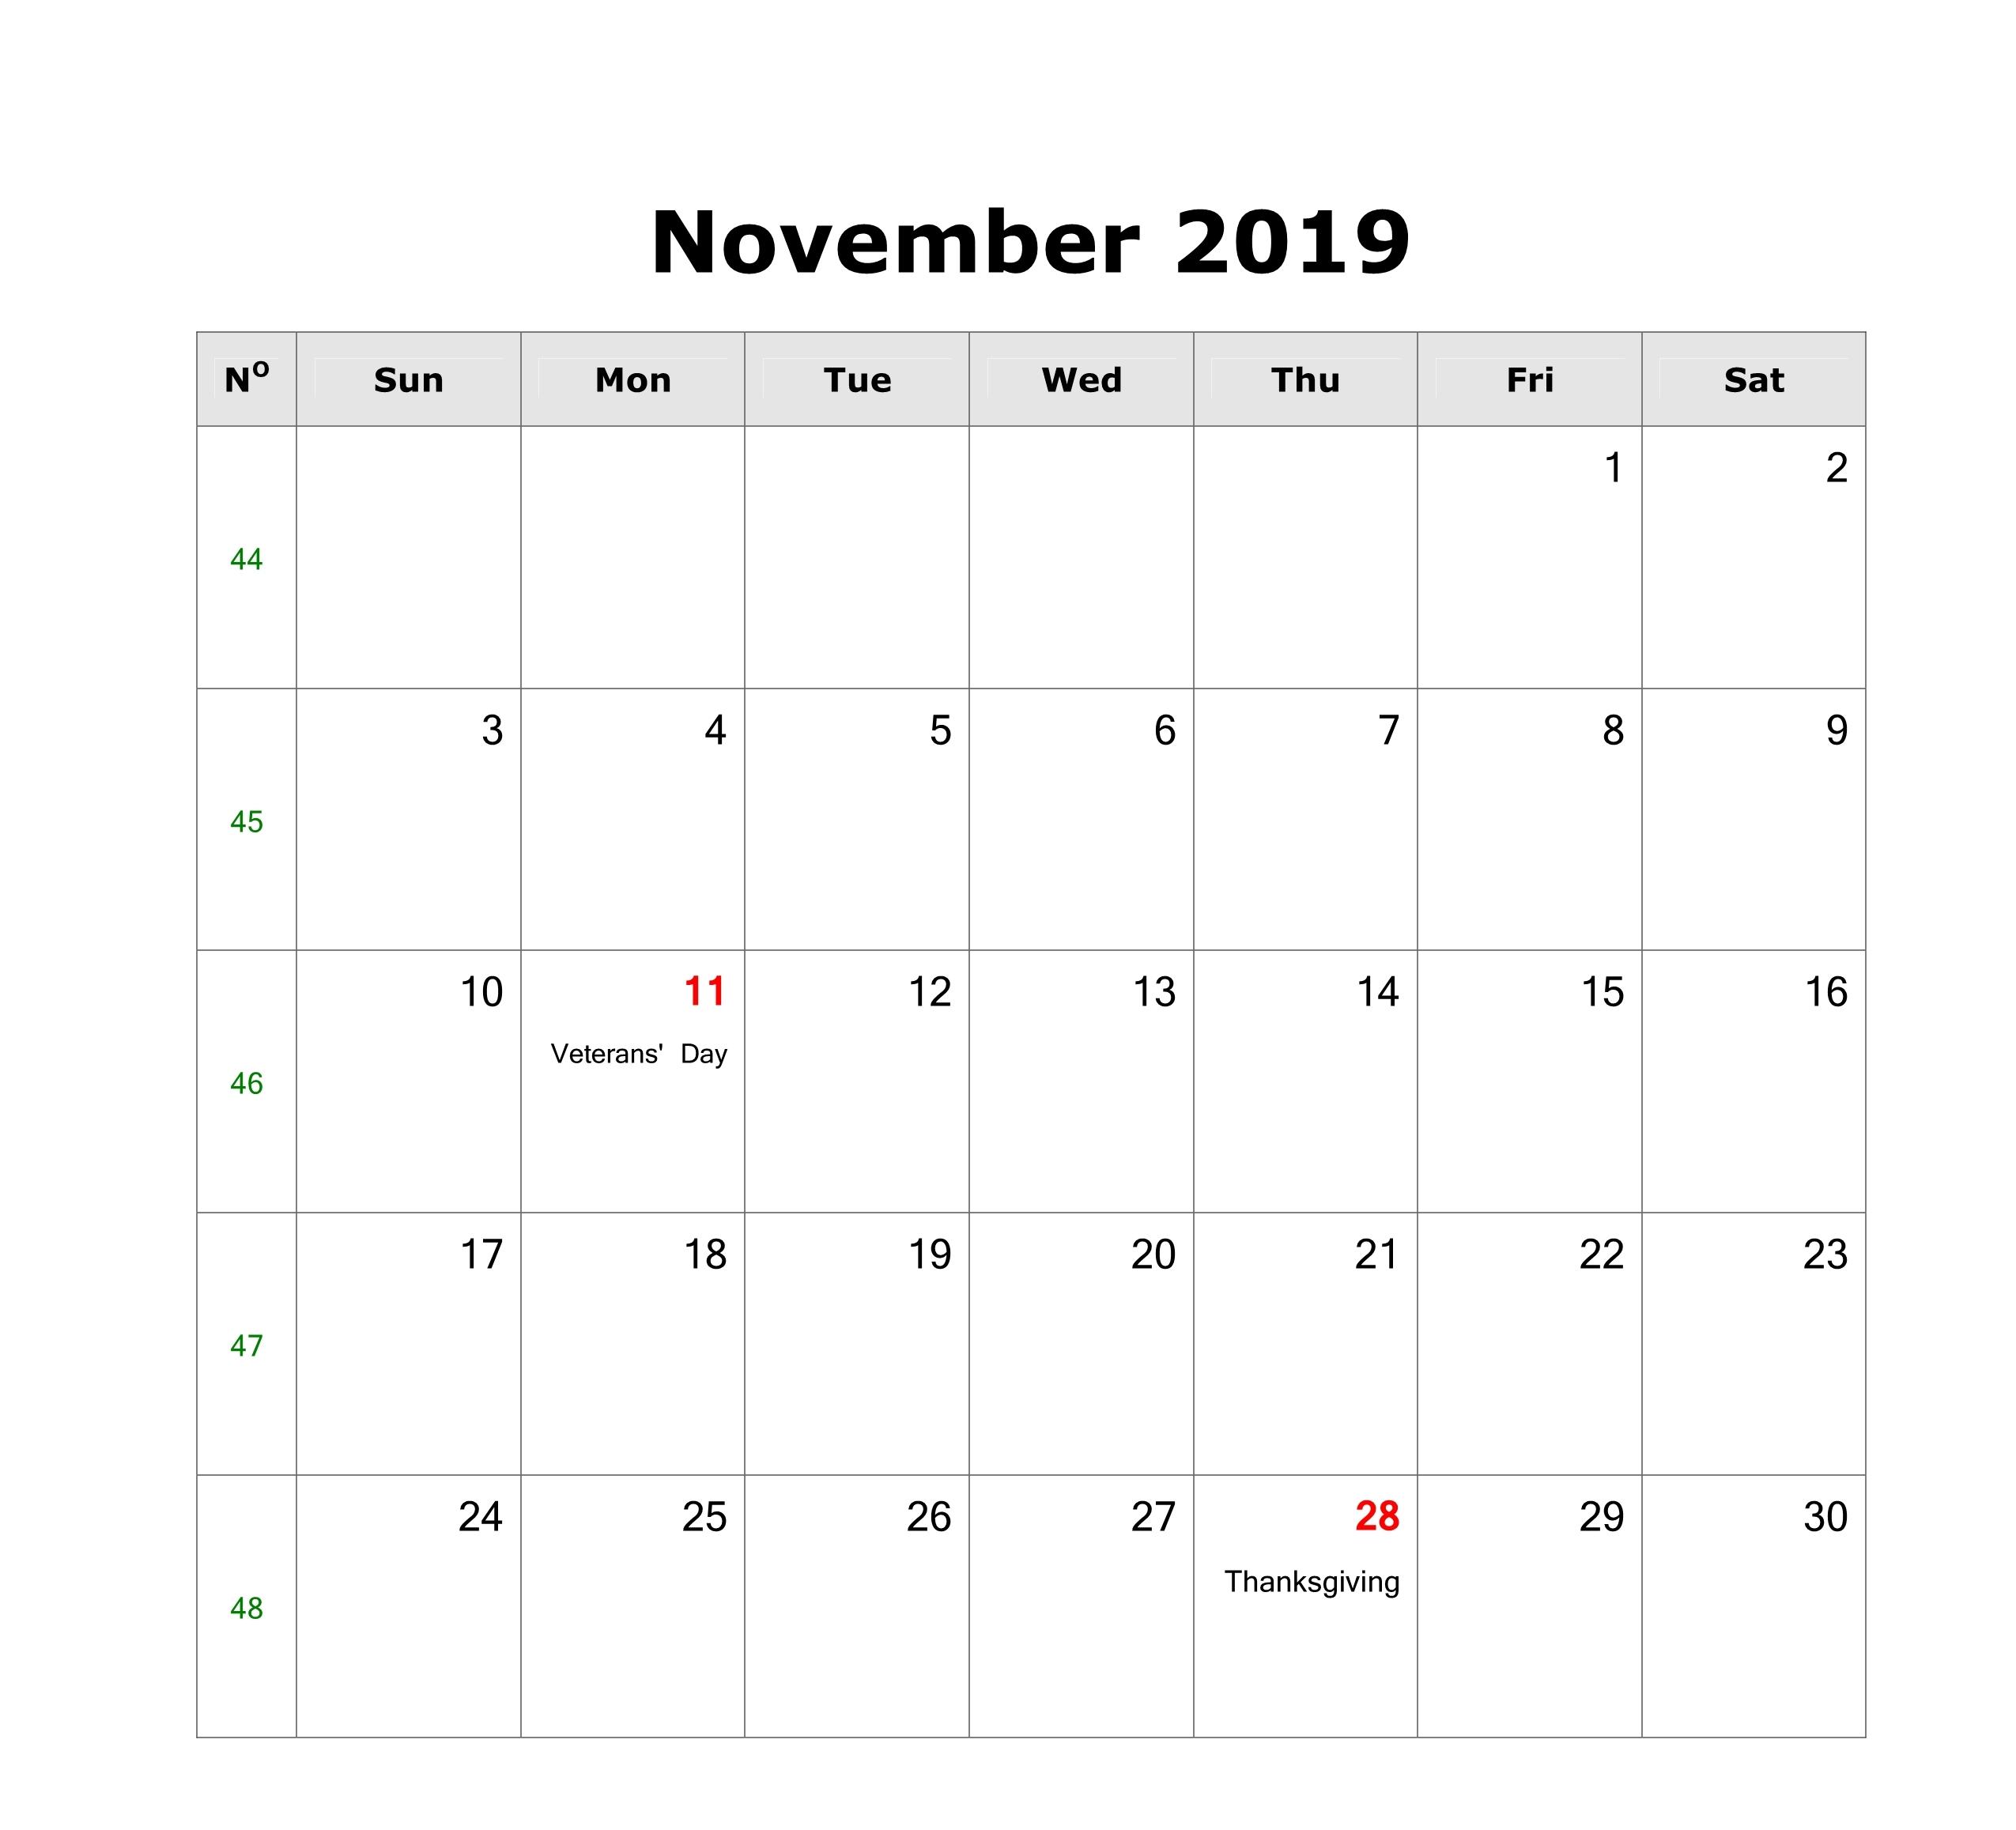 November 2019 Calendar with Holidays Canada